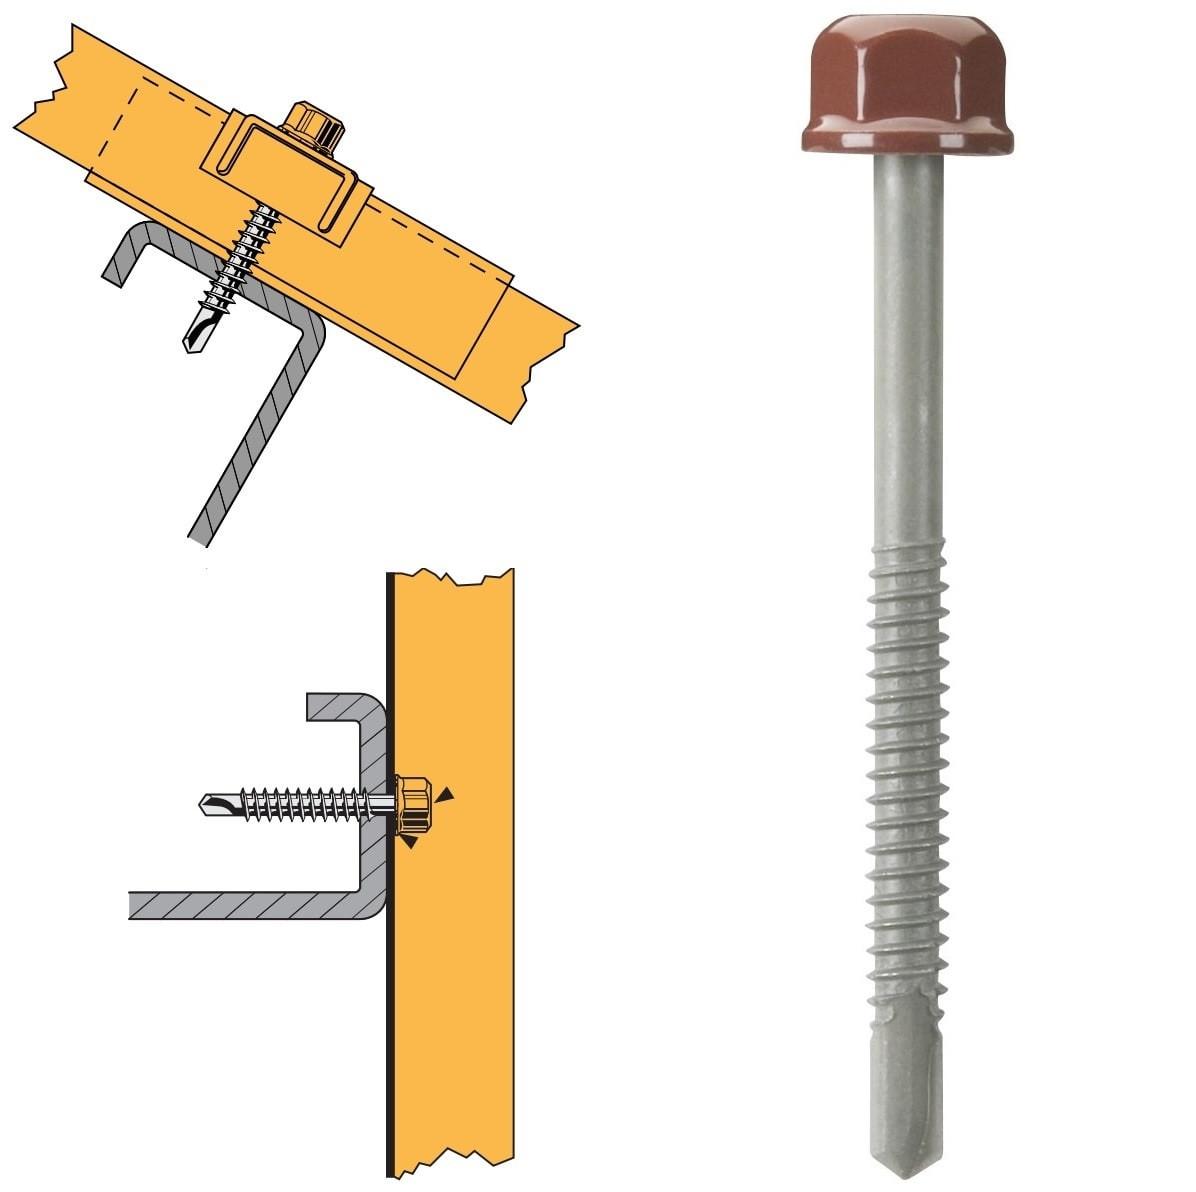 Vis têtalu autoperçeuse P5 Ø6,3 TK12 laquée pour couverture et bardage sur profilés/tubes